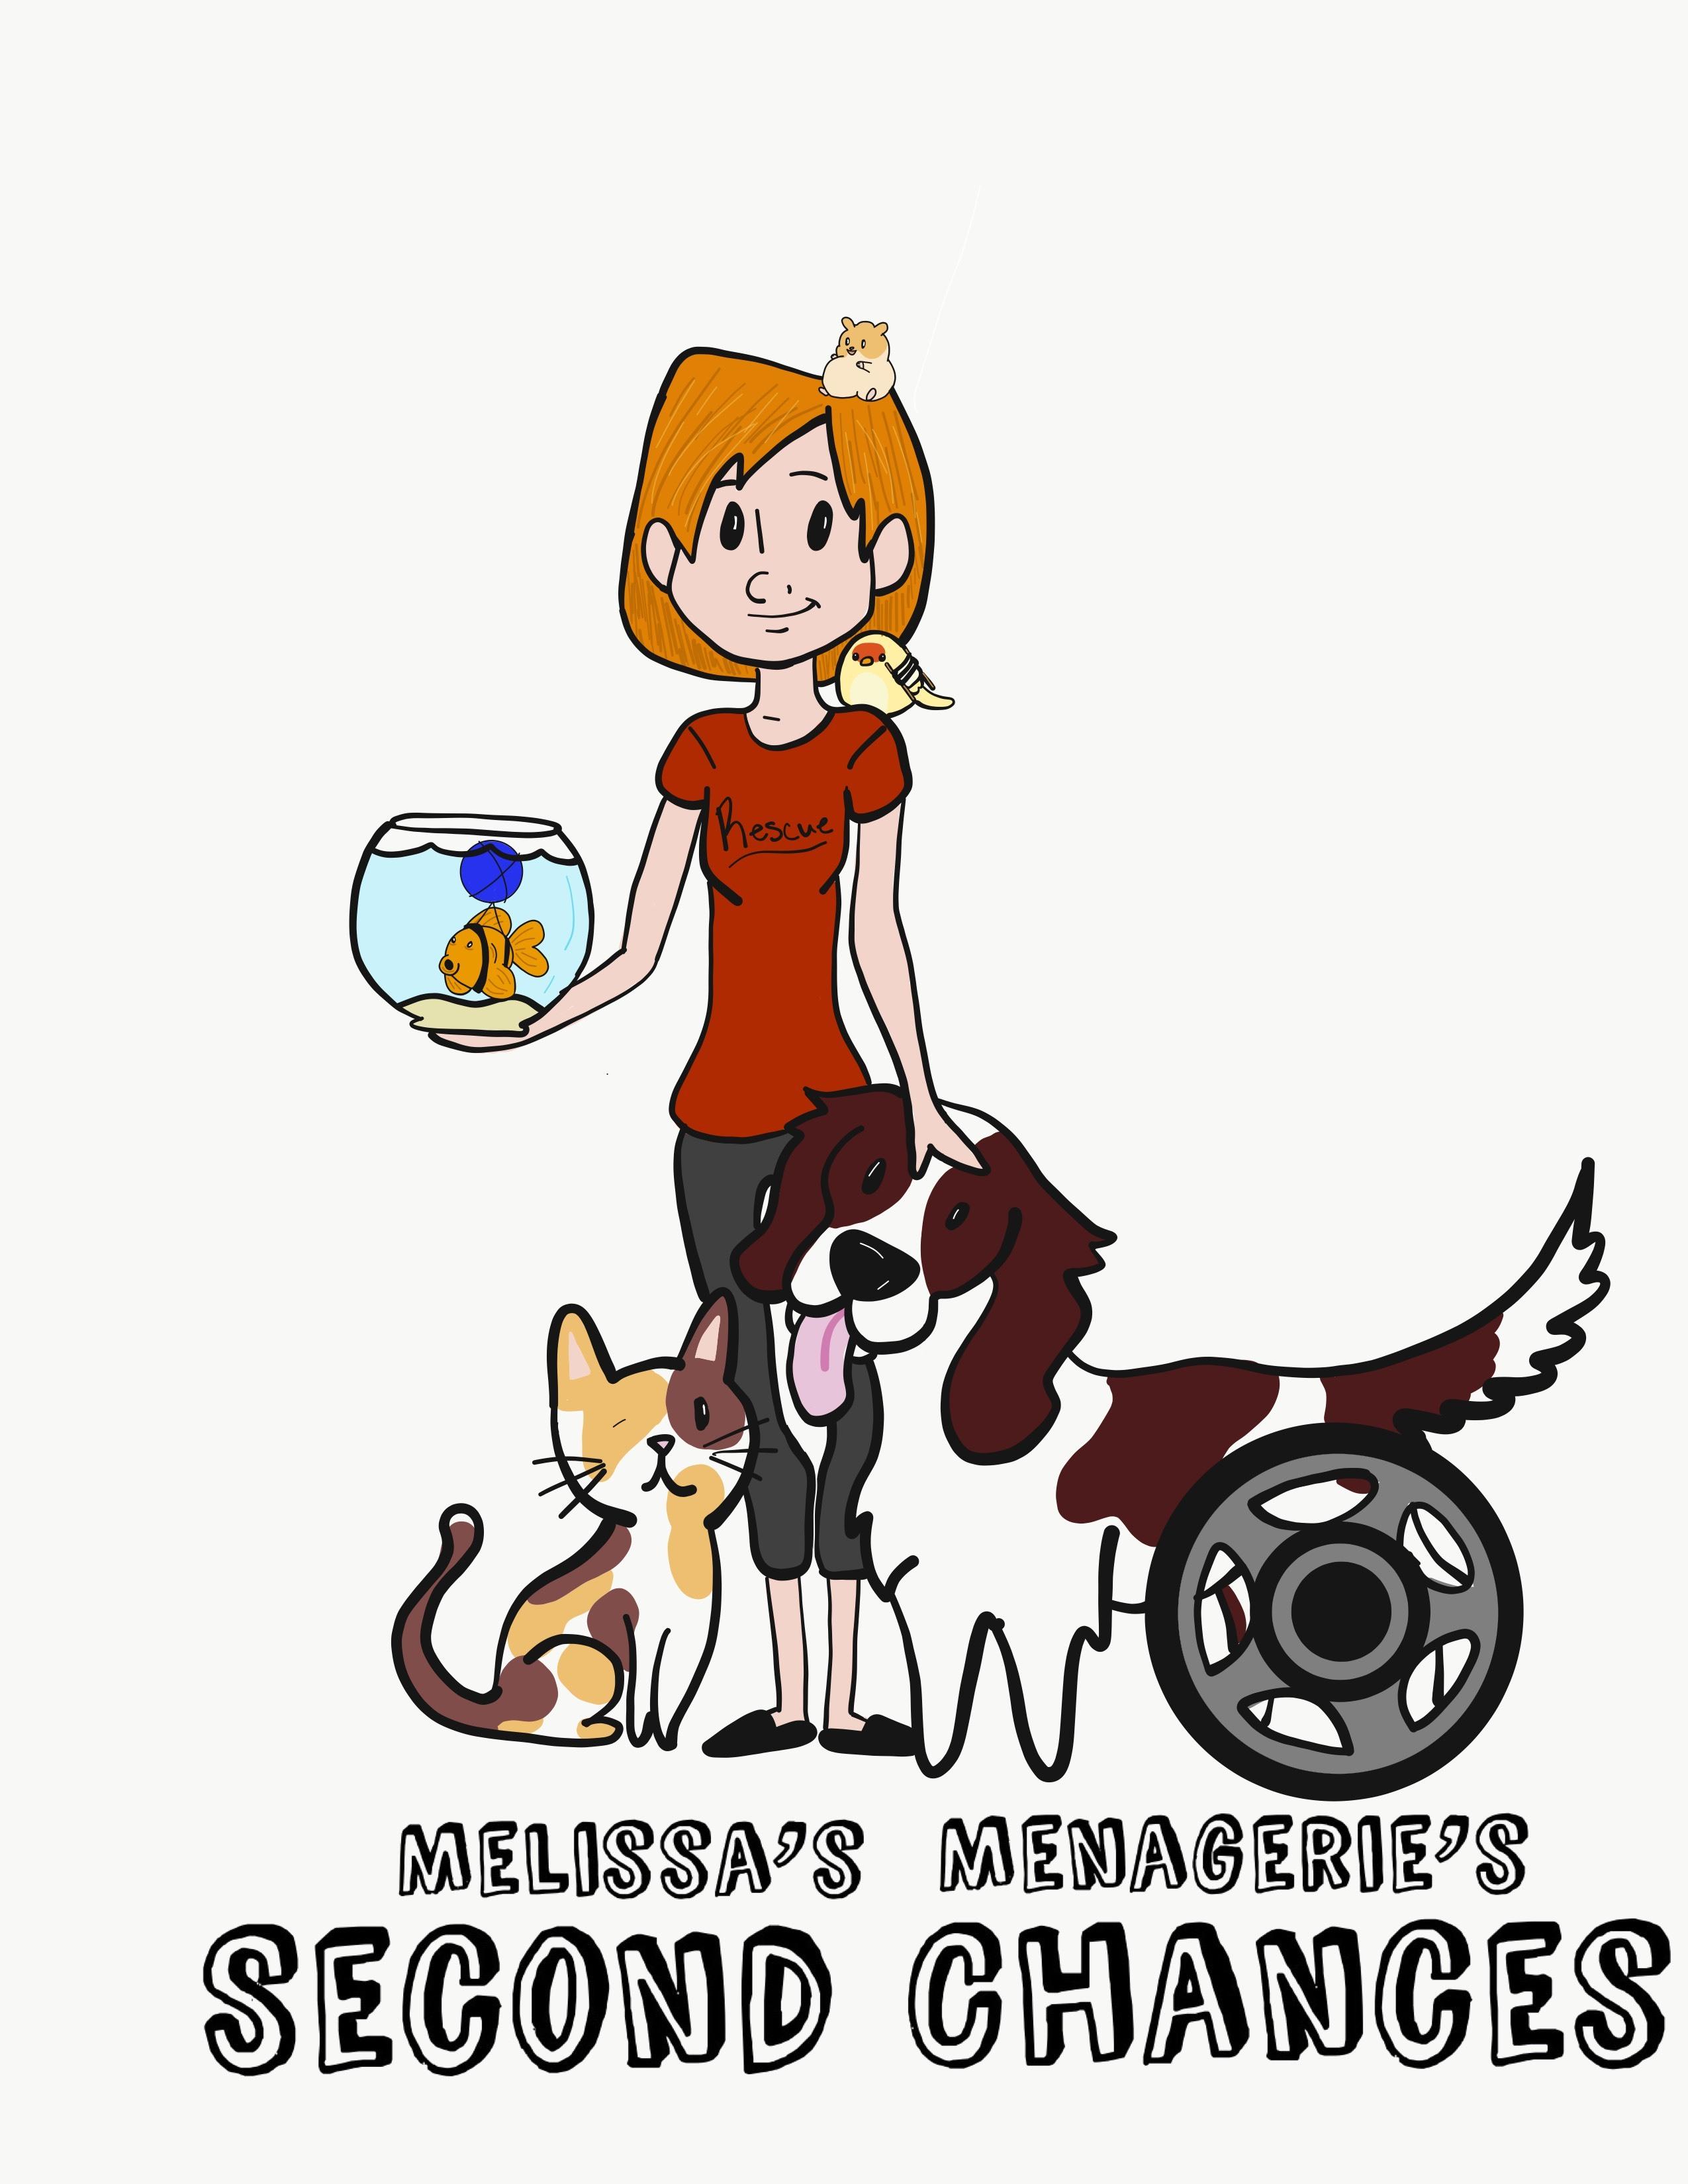 Melissa's Menagerie's Second Chances